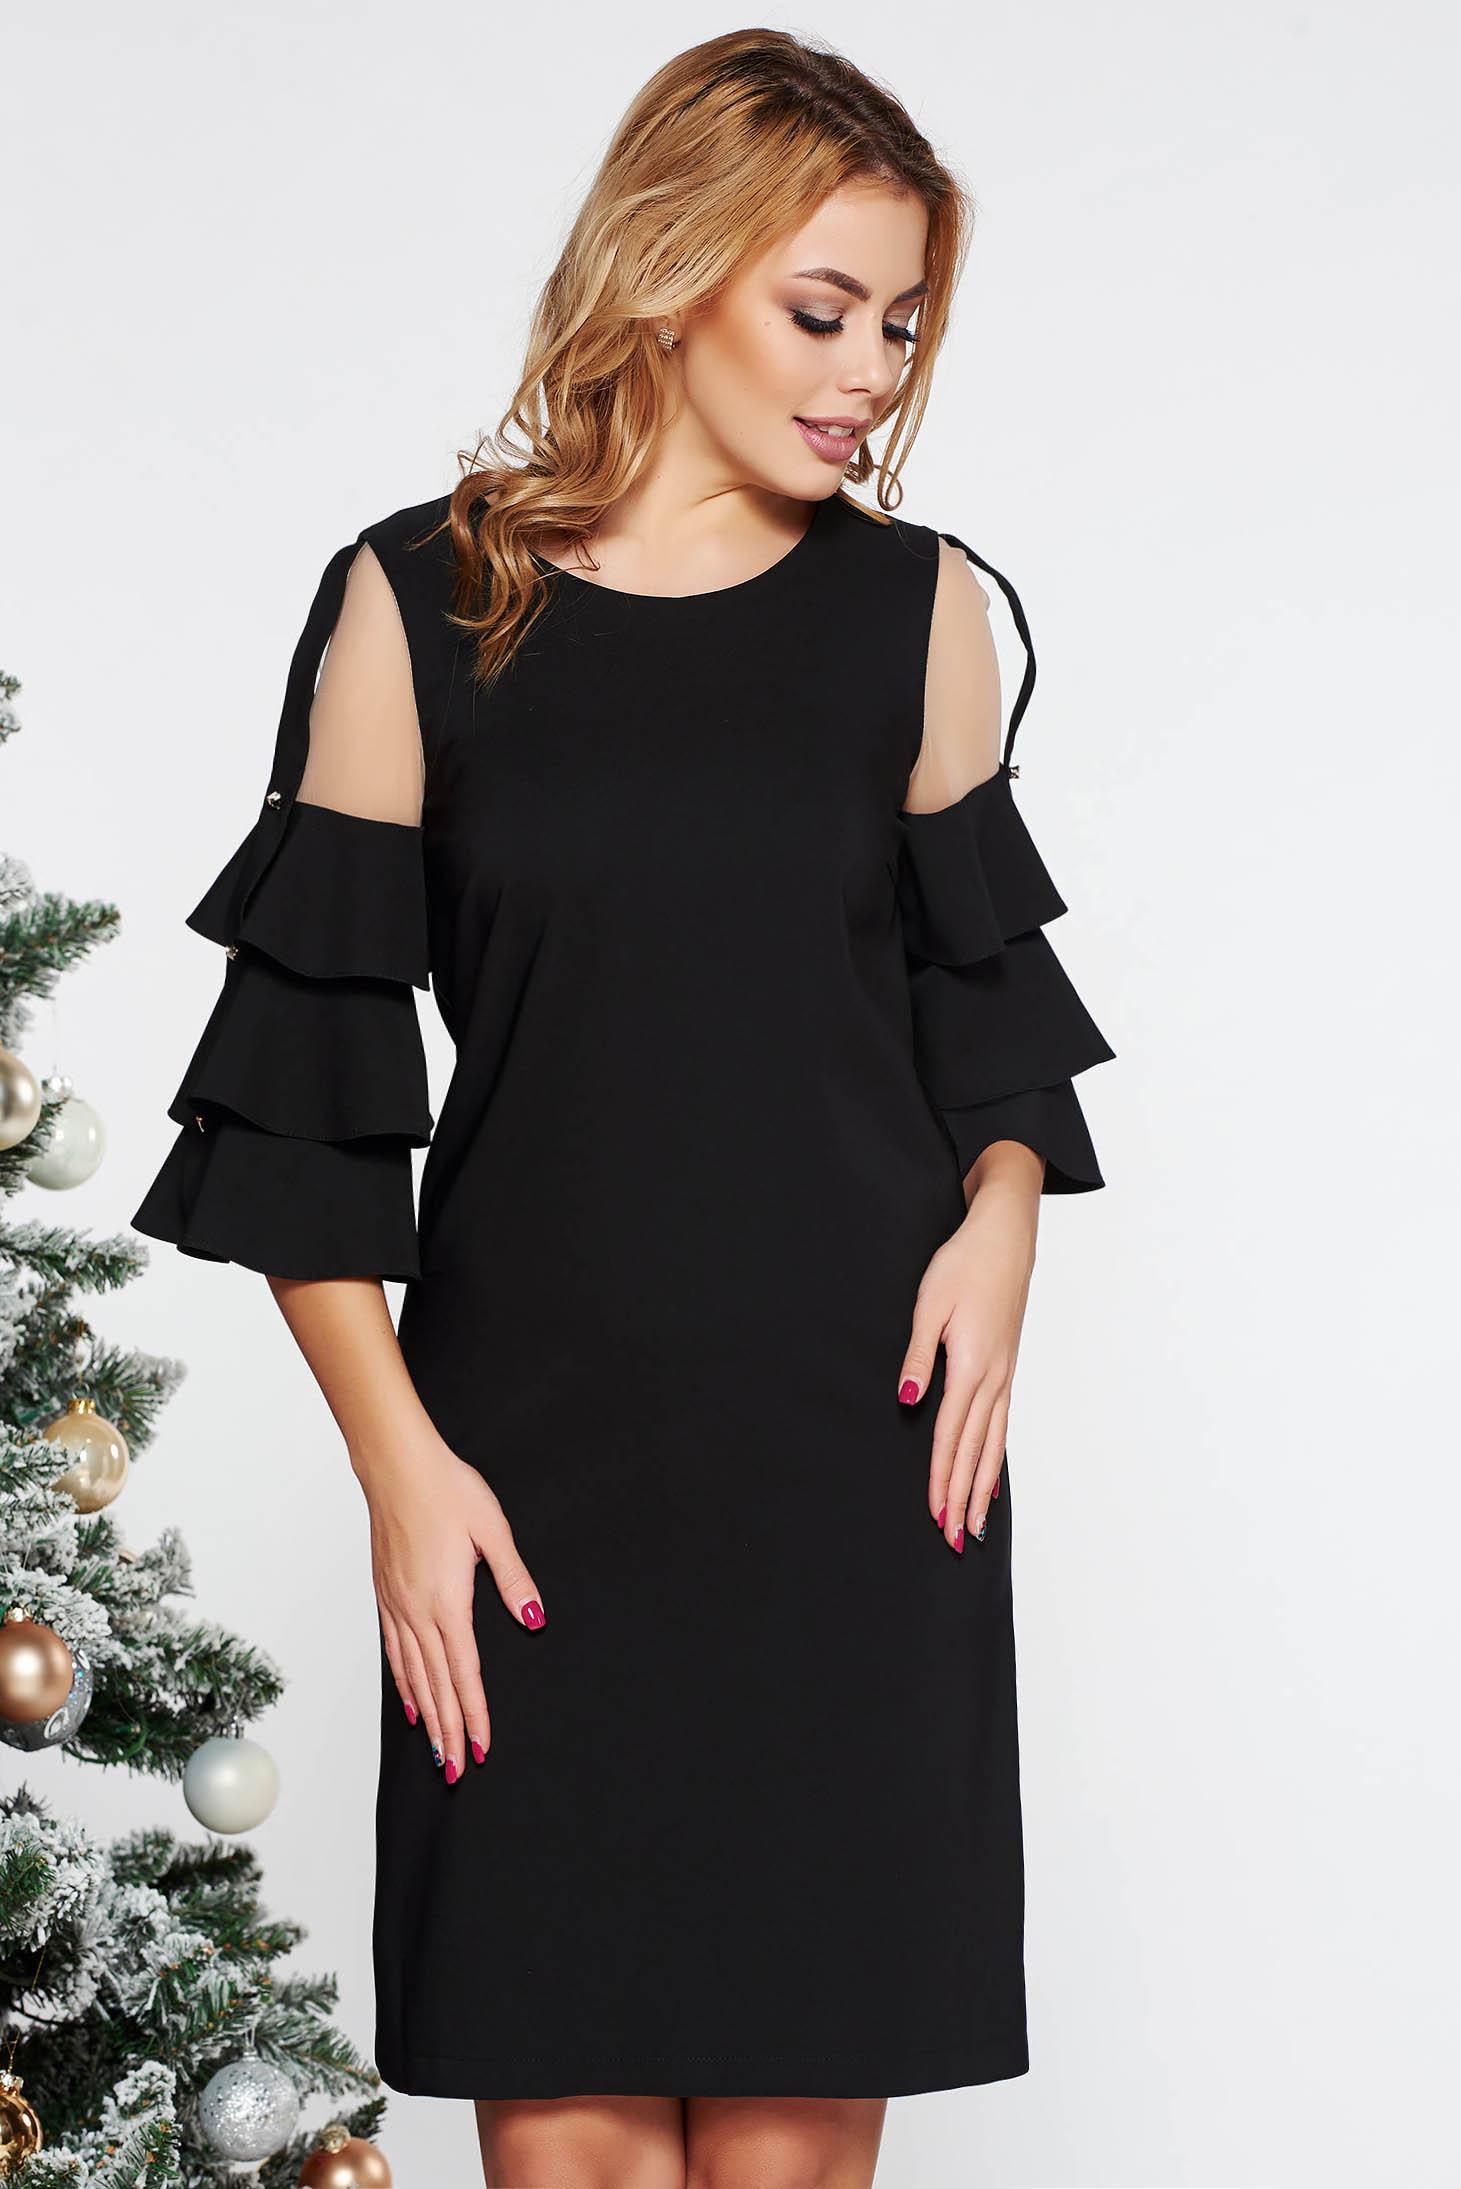 Rochie LaDonna neagra eleganta cu un croi drept din stofa usor elastica captusita pe interior cu aplicatii de tul